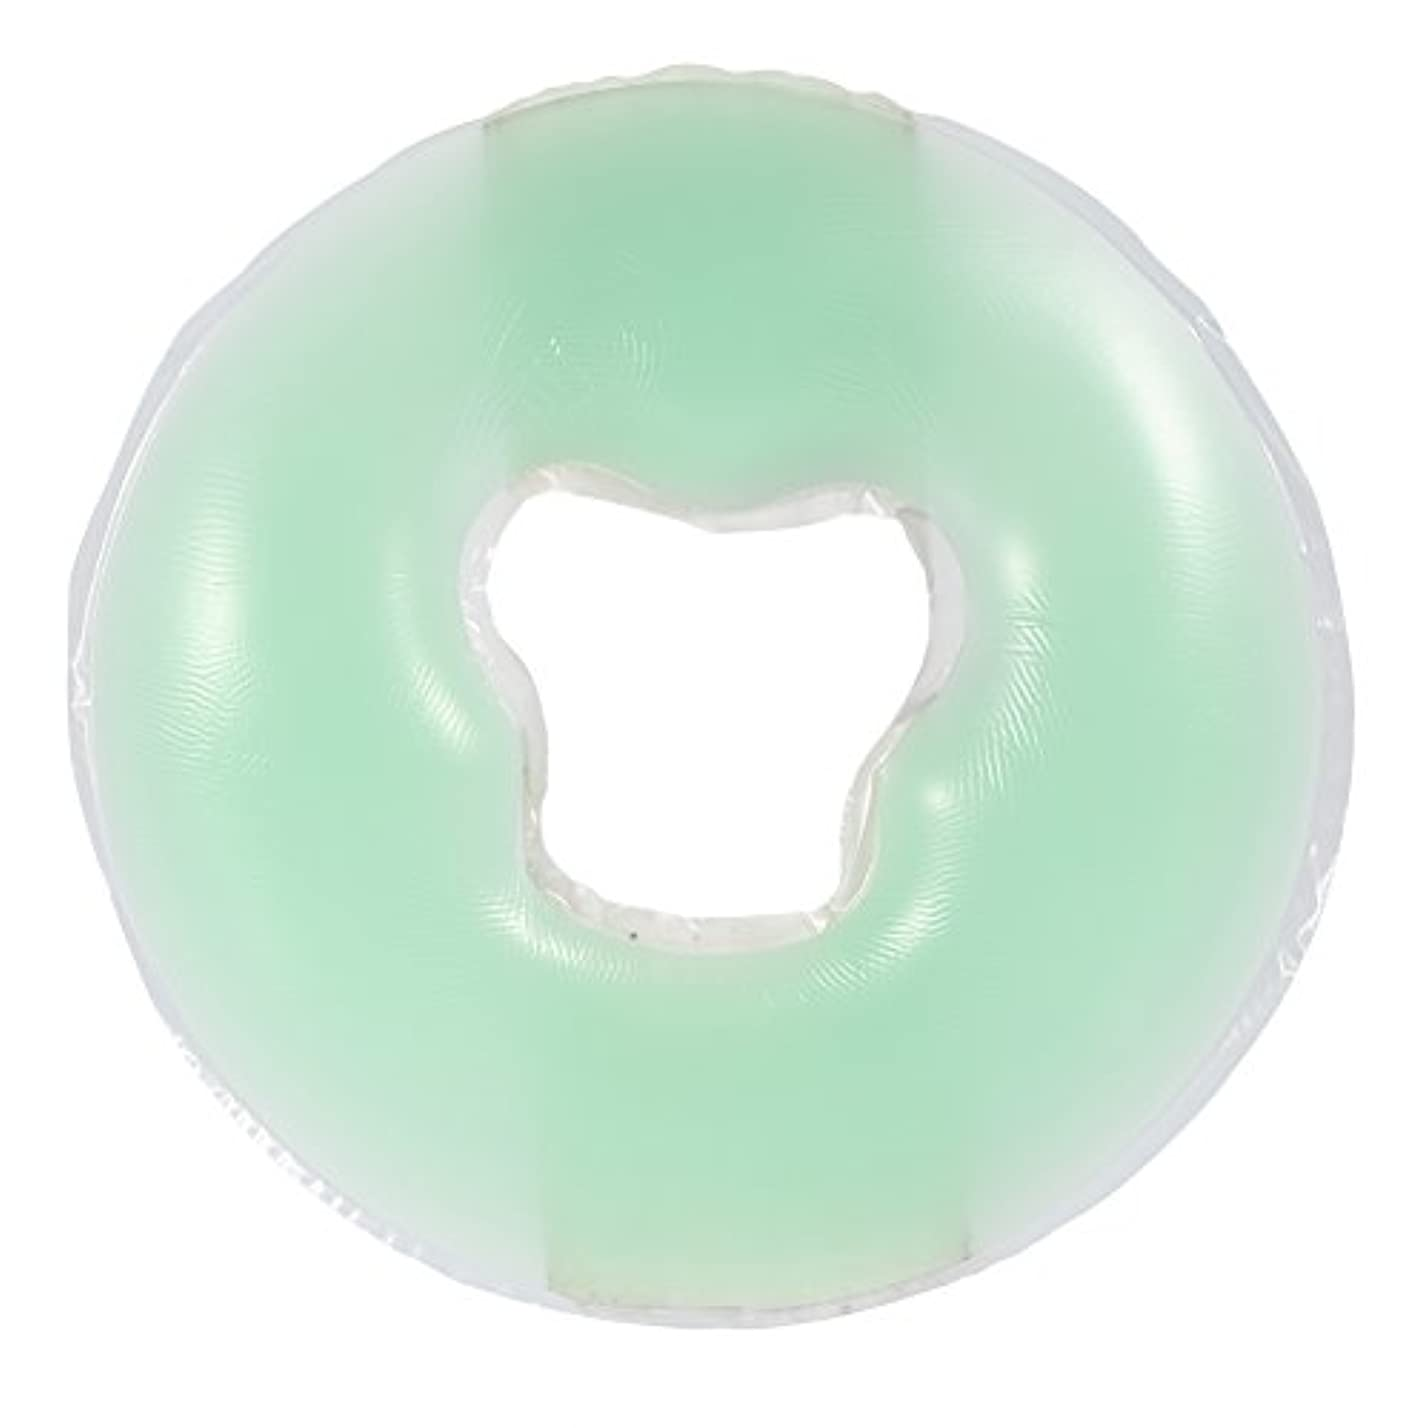 偏見脚本子犬4色シリコンピローマッサージ美容スキンケアソフトオーバーレイフェイスリラックスクレードルクッションパッド(浅绿色)